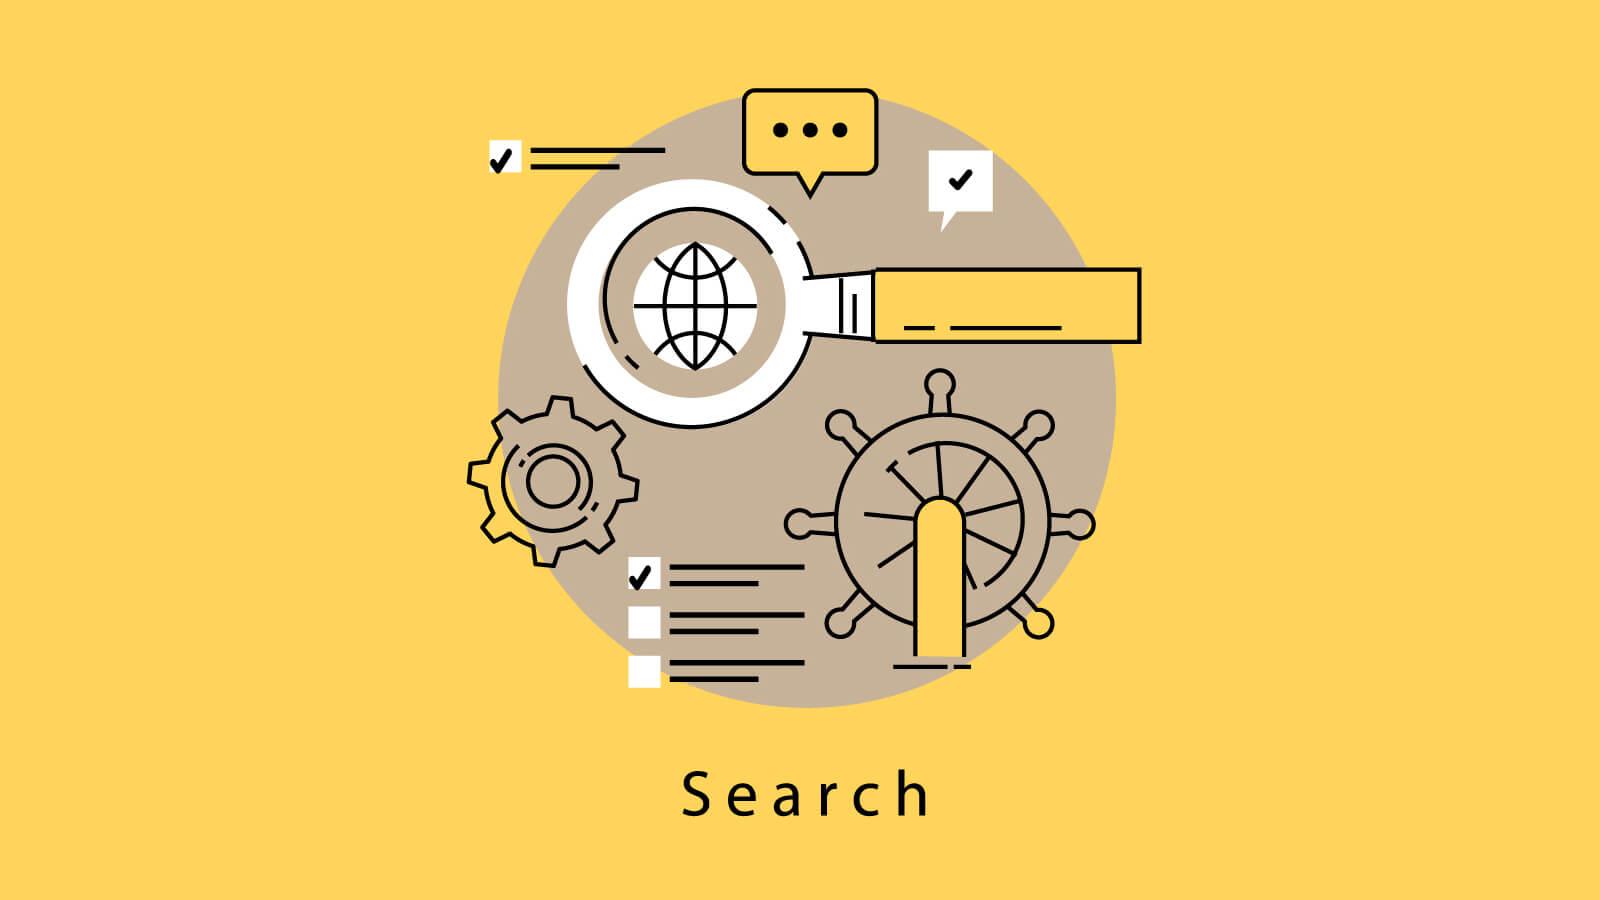 Rodzaje wyników wyszukiwania Google – ponad 20 przykładów